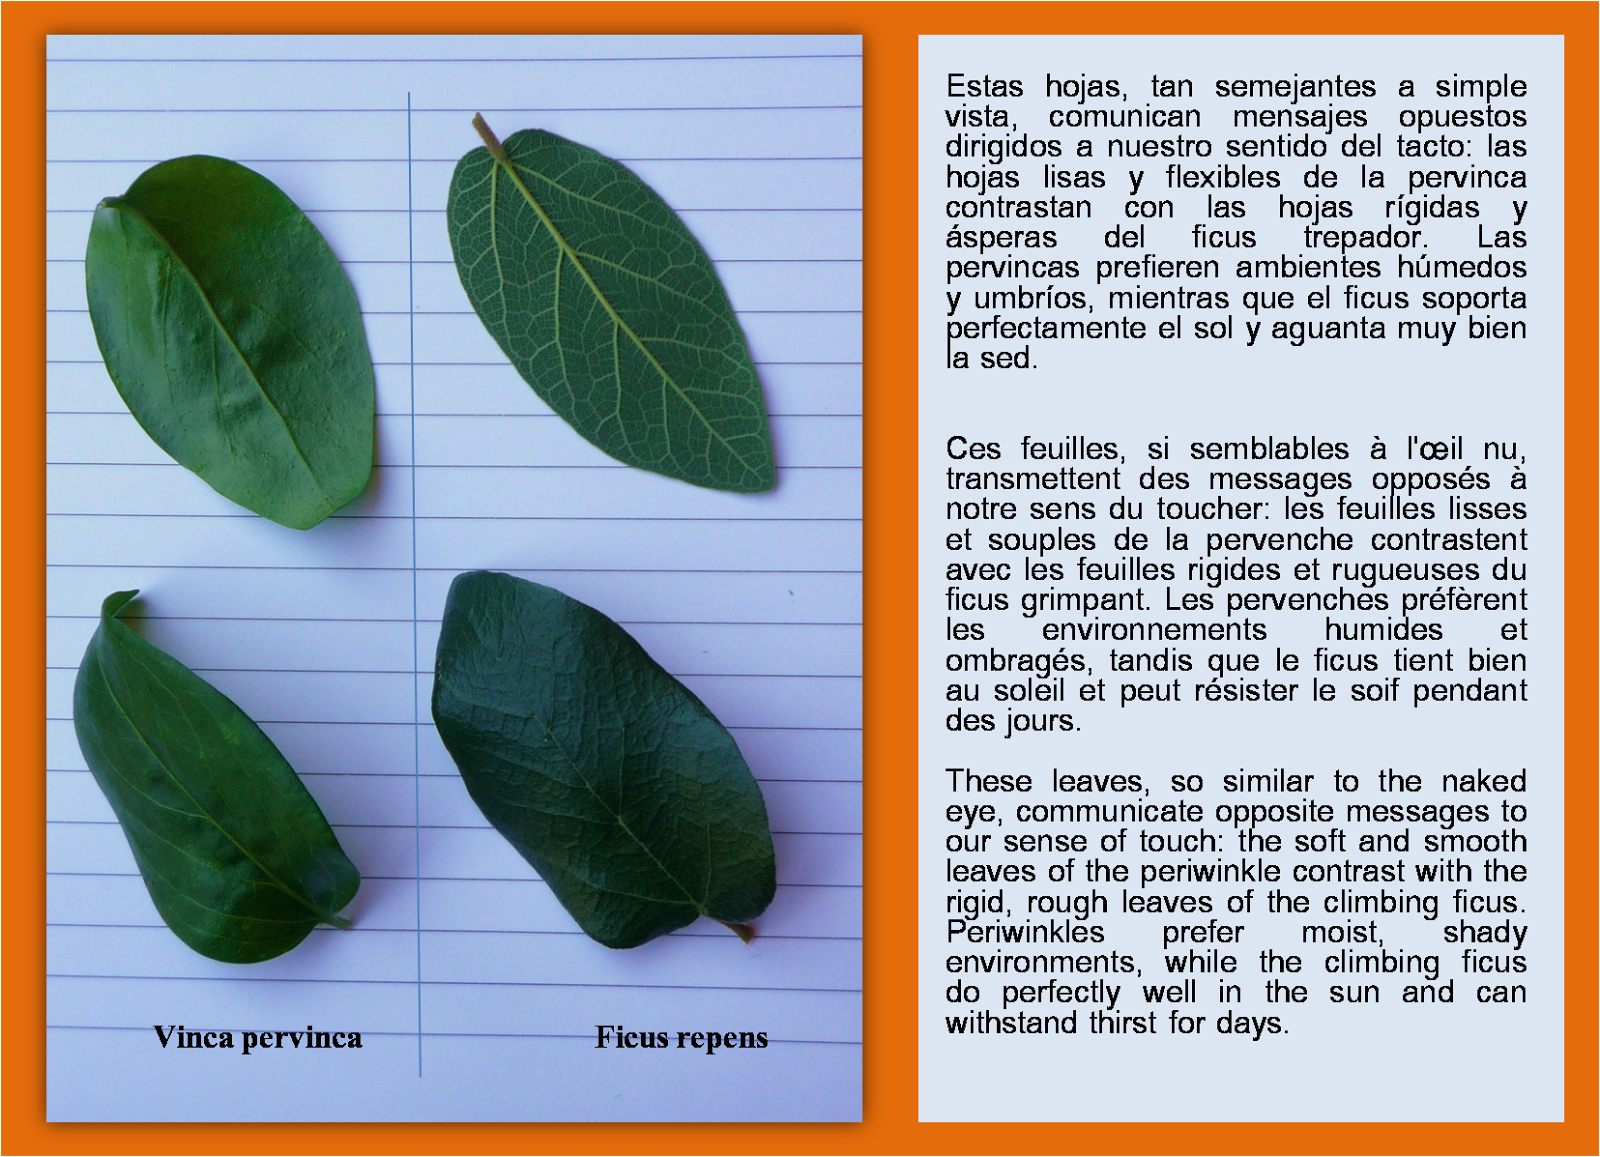 El lenguaje de las hojas